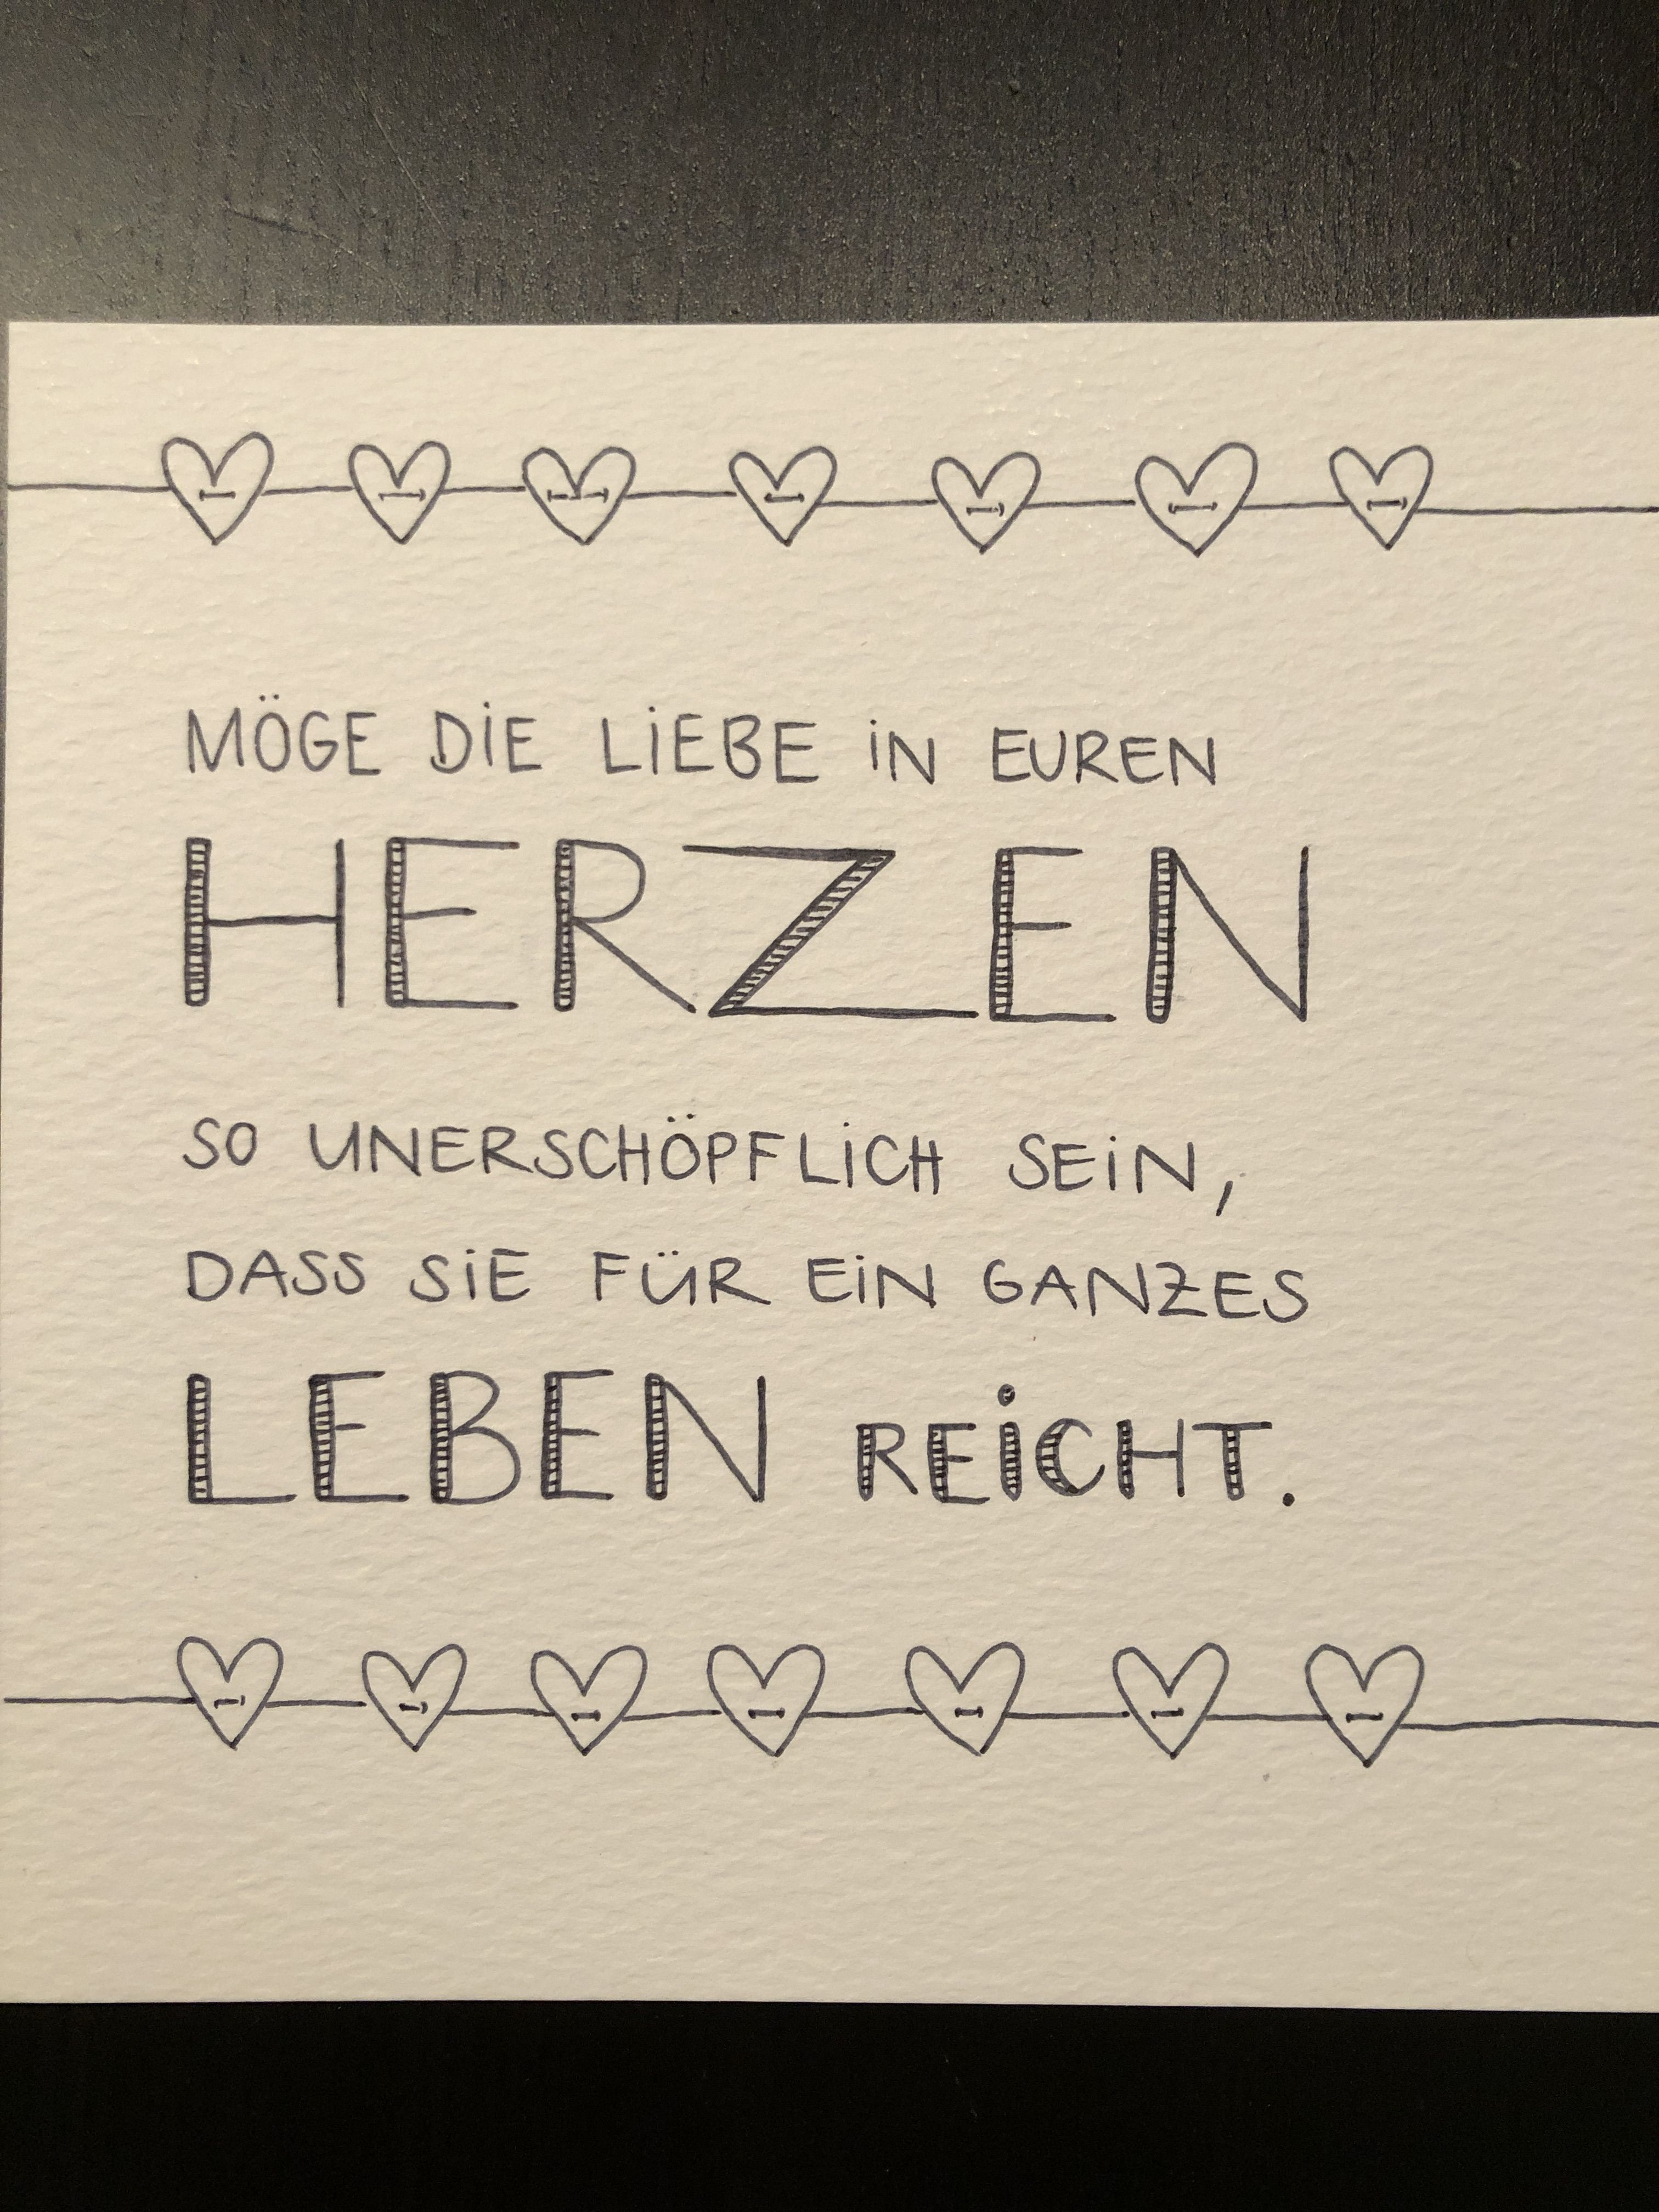 Spruch Hochzeit Liebe Karte Fur Karten Geschenk Schenken Verschenken Anlass Segenswunsche Zur Hochzeit Spruche Hochzeit Wunsche Zur Hochzeit